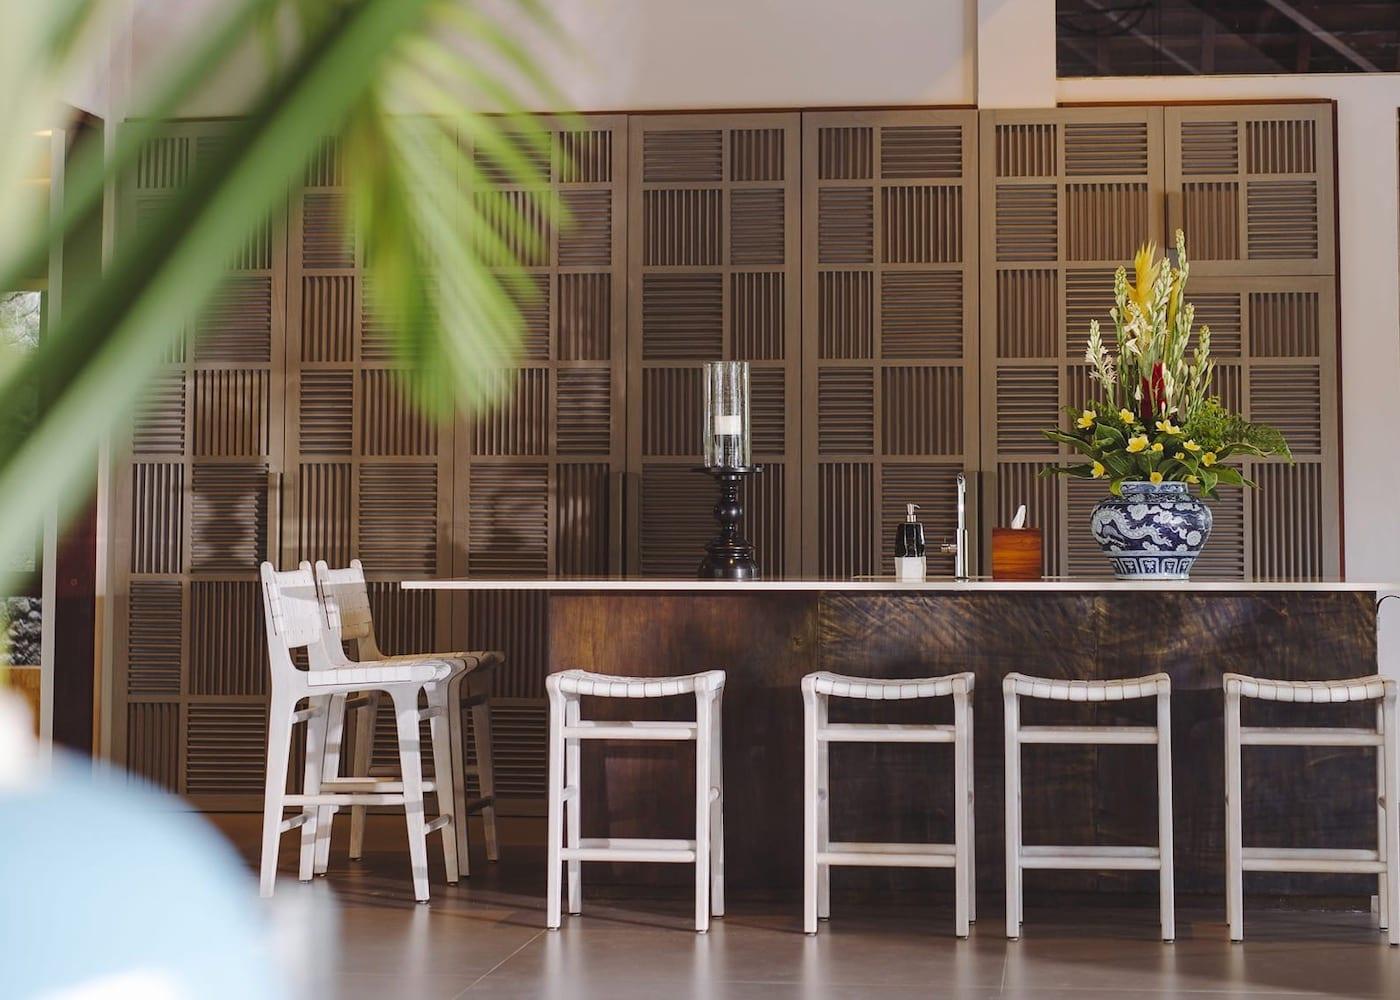 Creative Living | Furniture shops in Bali